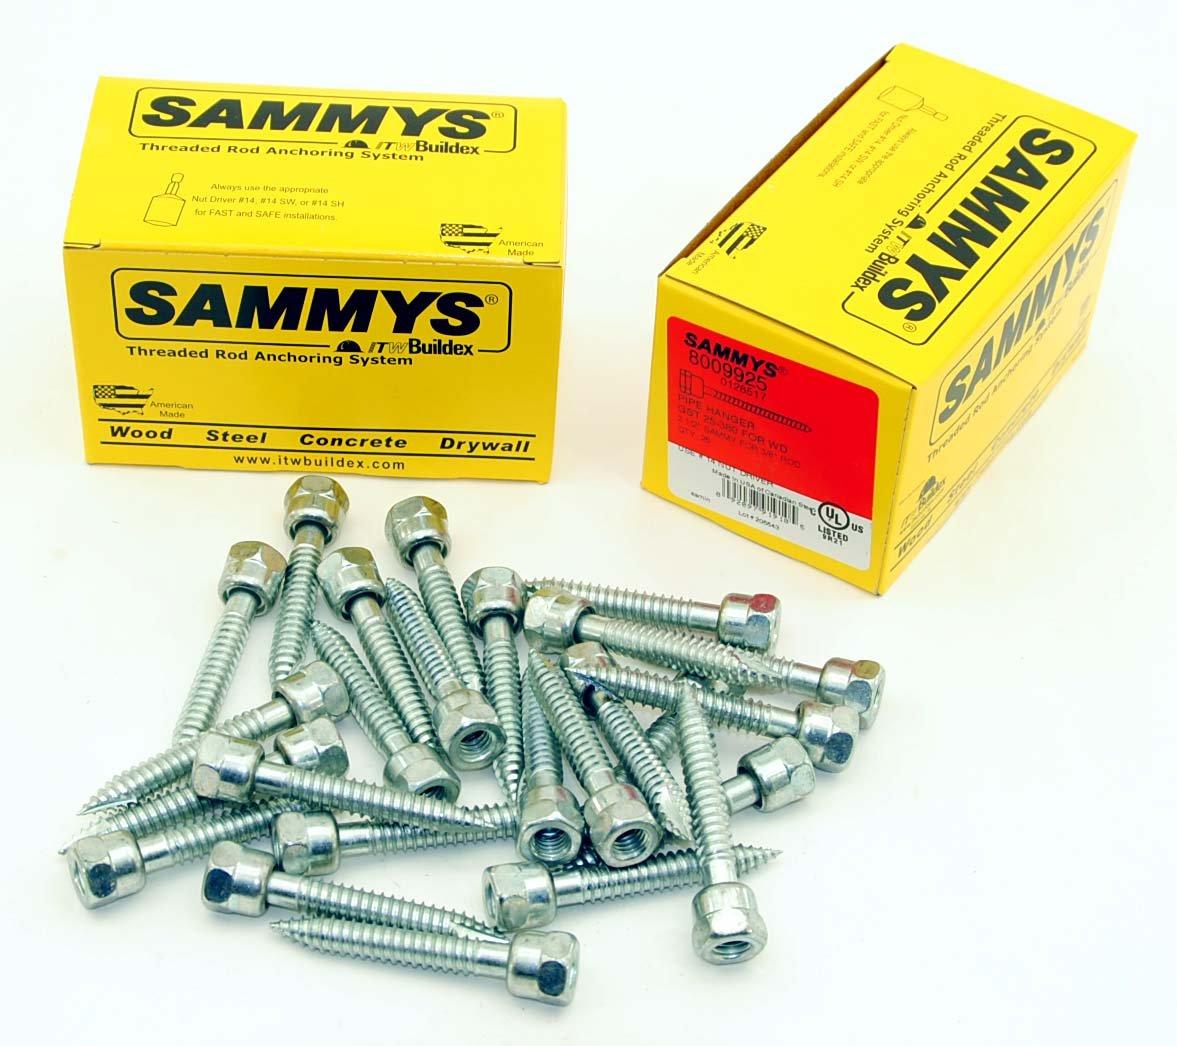 (25) Sammys 3/8-16 x 2-1/2 Threaded Rod Hanger for Wood 8009925